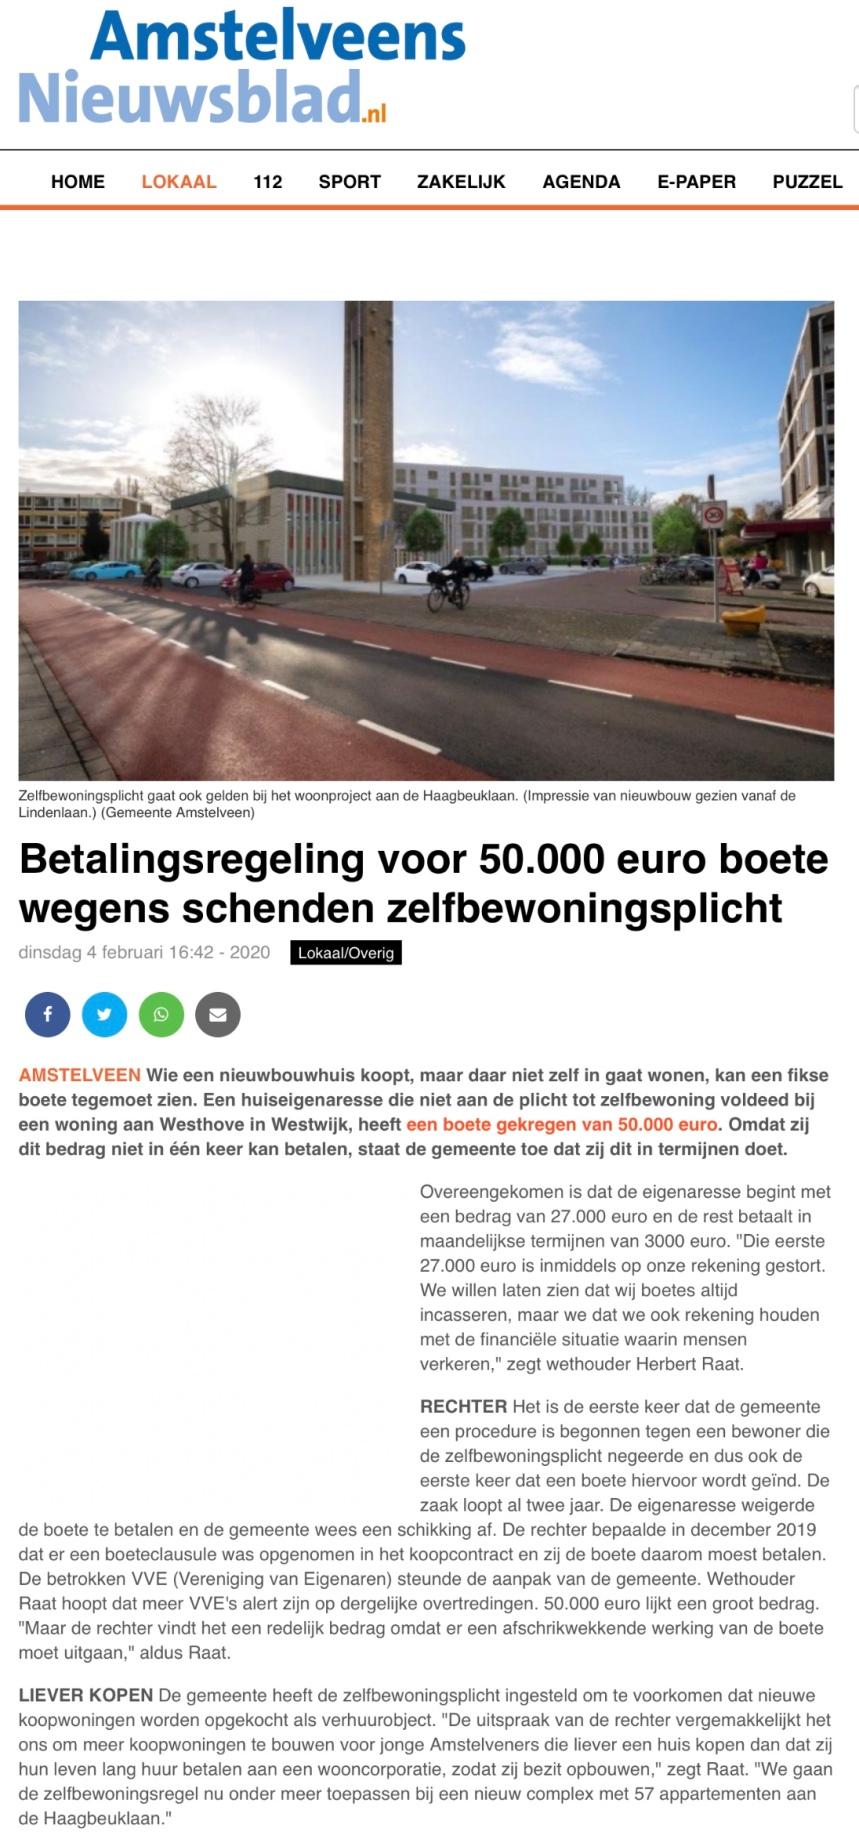 2020-4-2-Amstelveens Nieuwsblad: Herbert Raat over handhaving Zelfbewoningsplicht